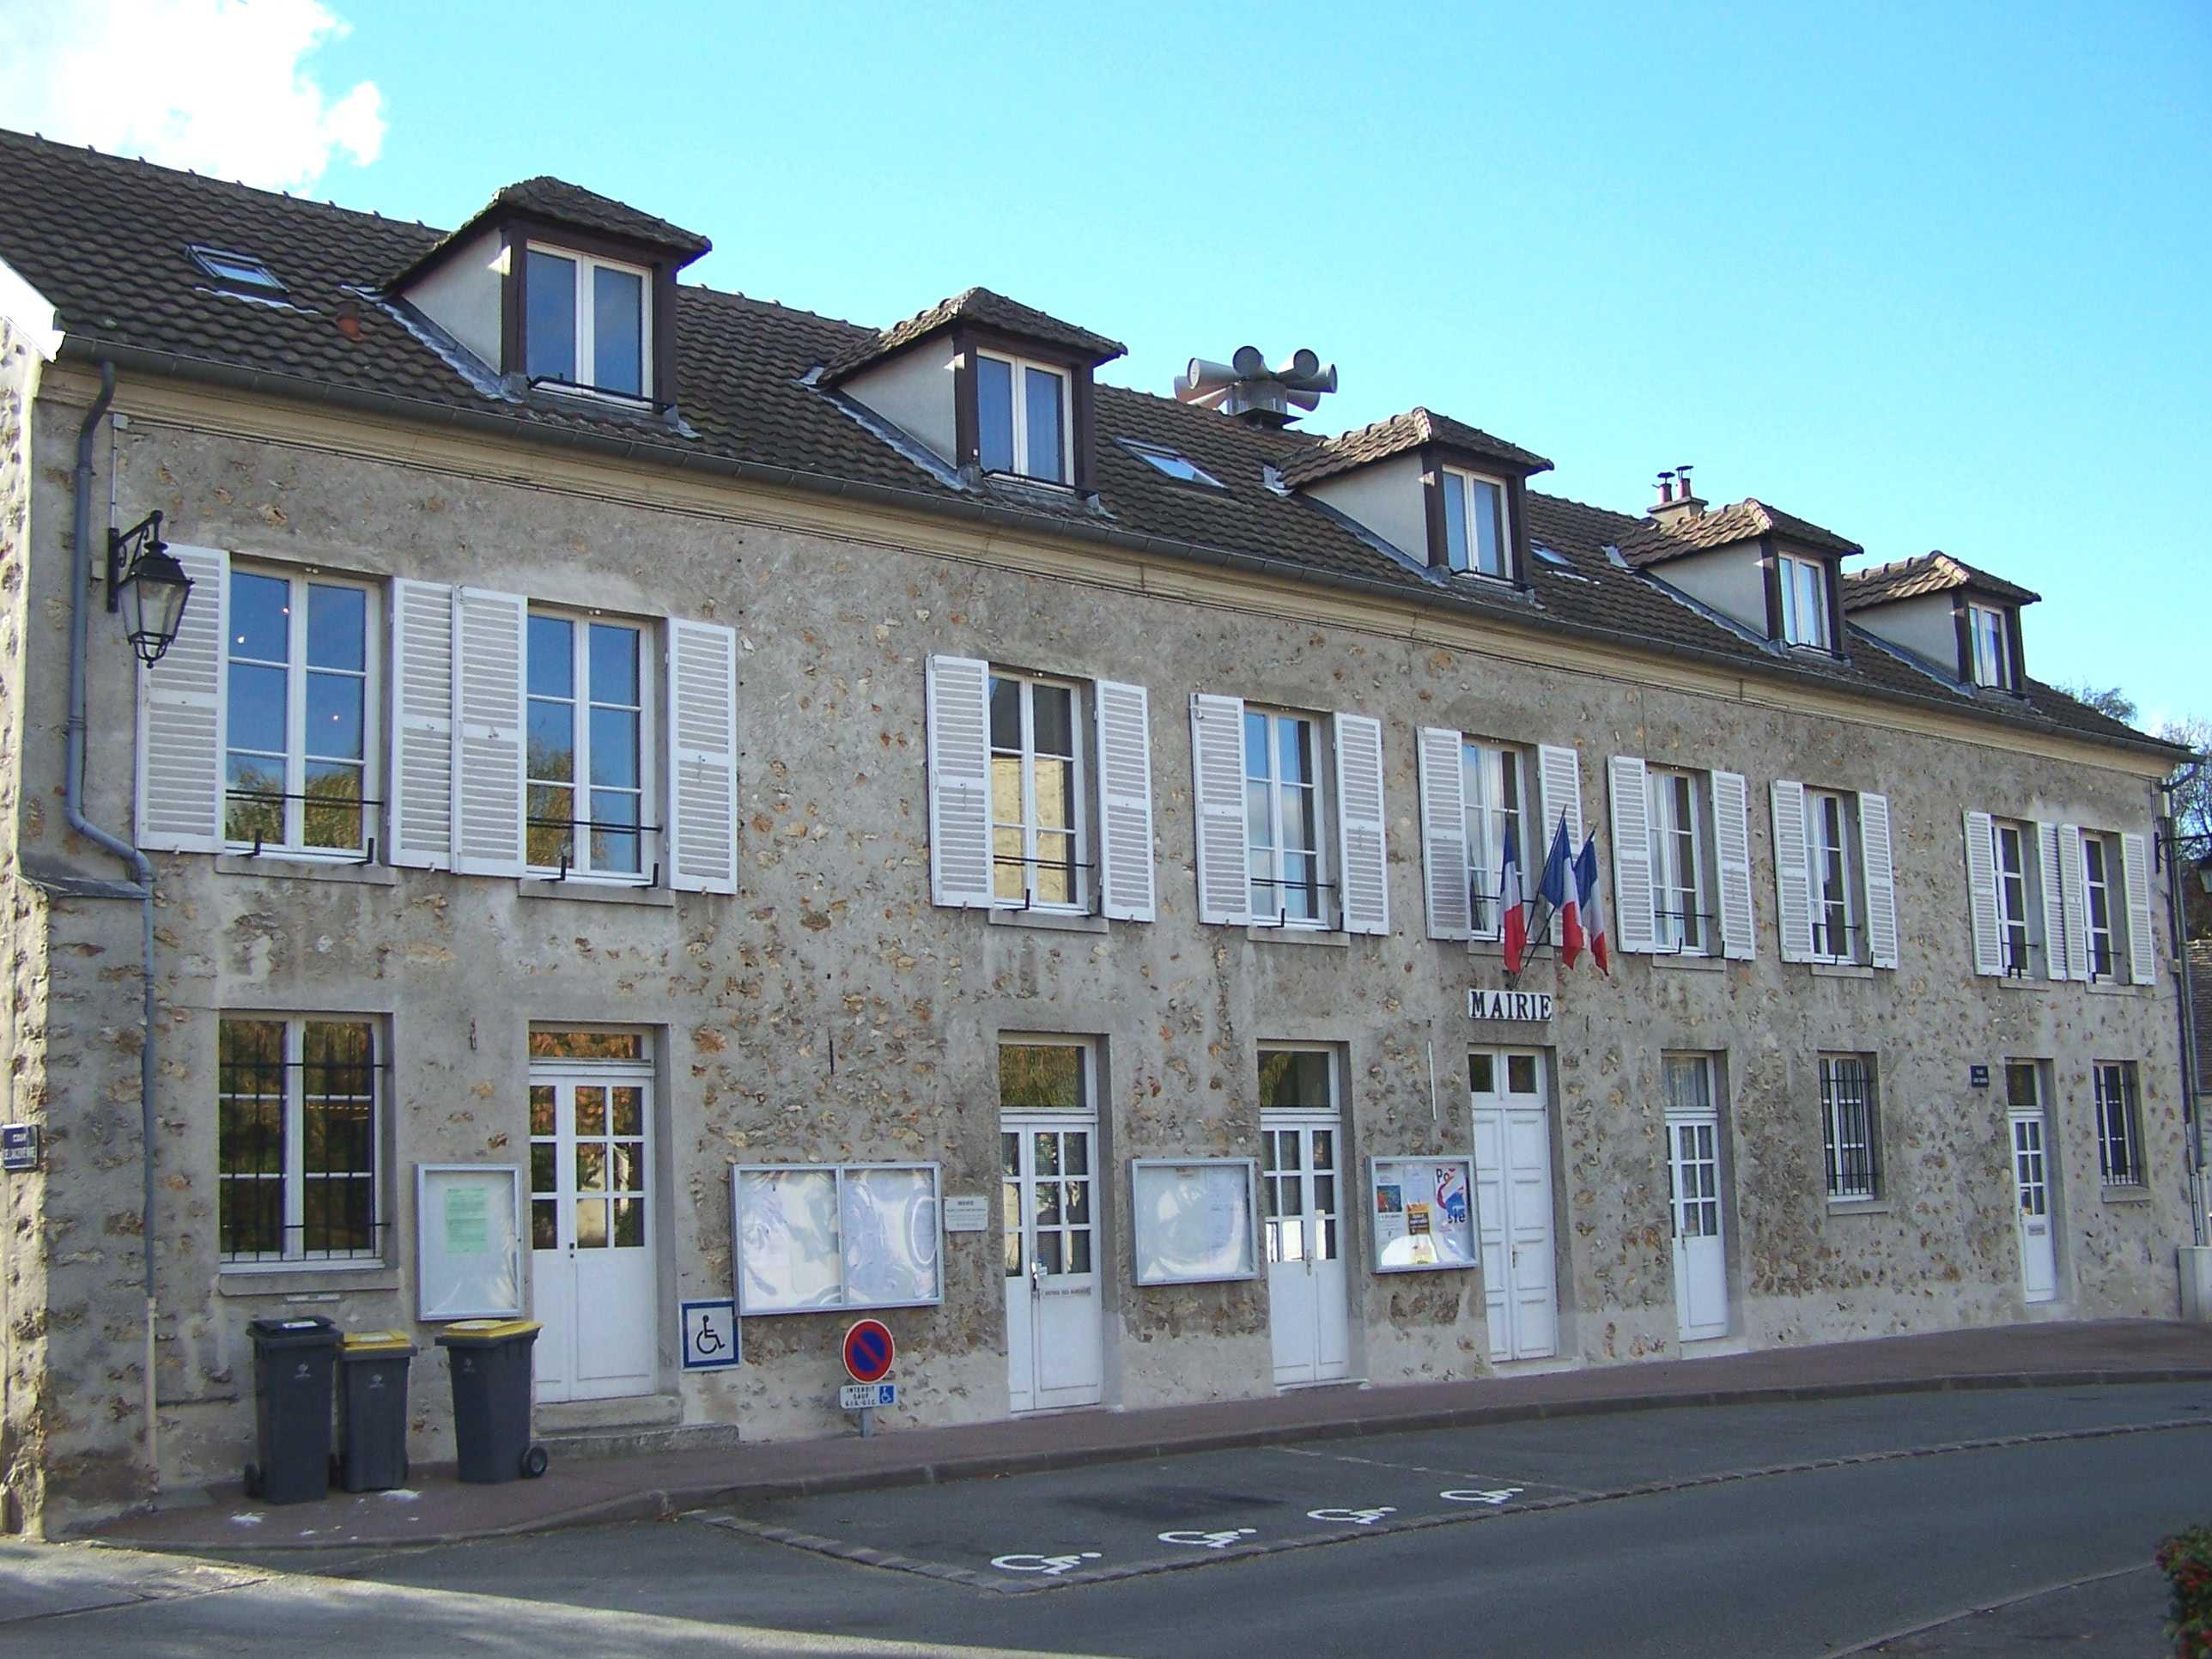 Les Loges-en-Josas France  City pictures : Tập tin:Les Loges en Josas Mairie – Wikipedia tiếng Việt